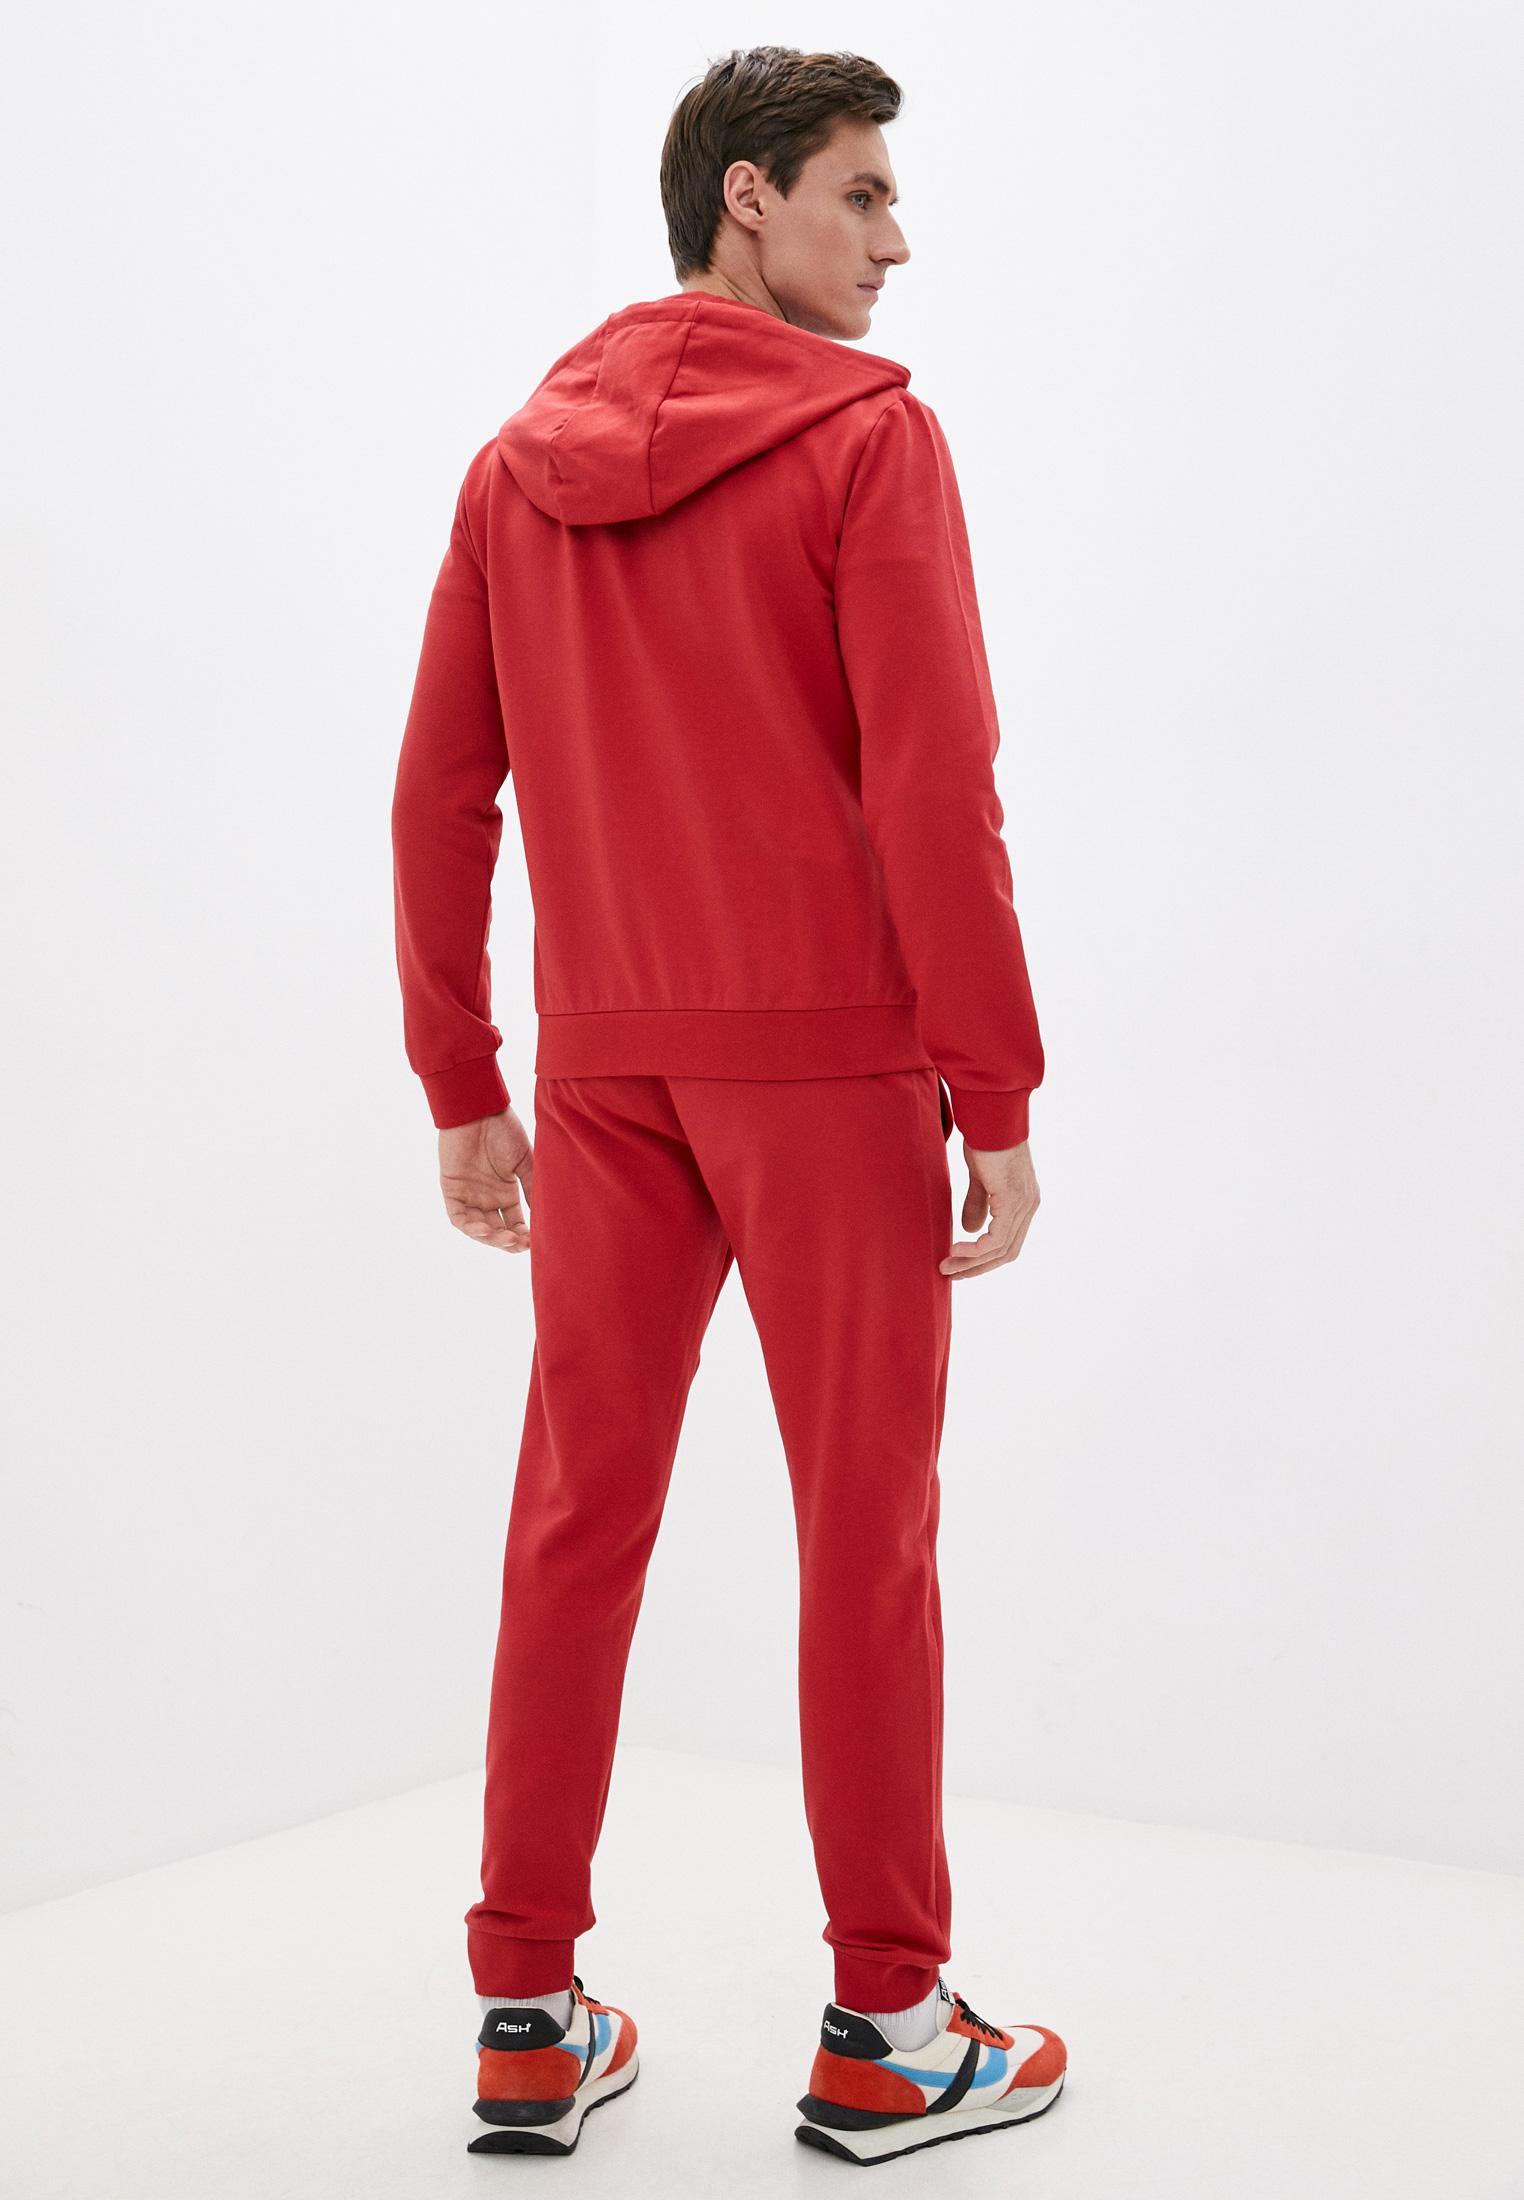 Спортивный костюм Bikkembergs (Биккембергс) C 0 025 4T E 2191: изображение 10